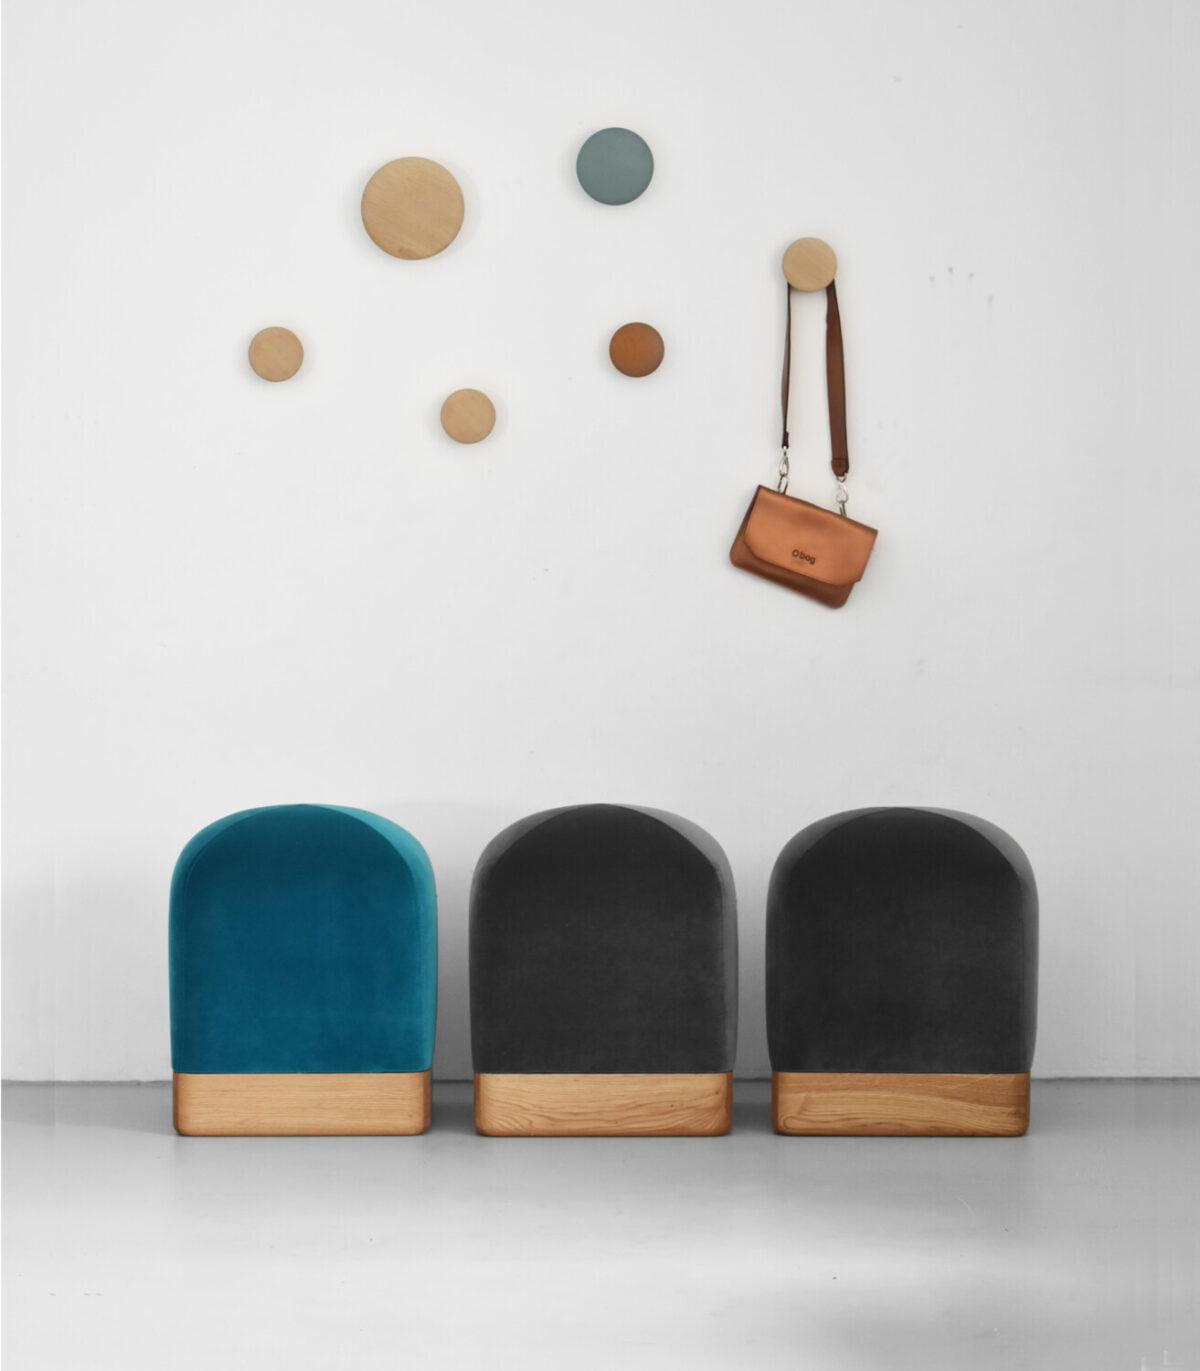 nowoczesna pufa TULIP na drewnianej podstawie, polski design, oryginalna pufa , siedzisko do przedpokoju